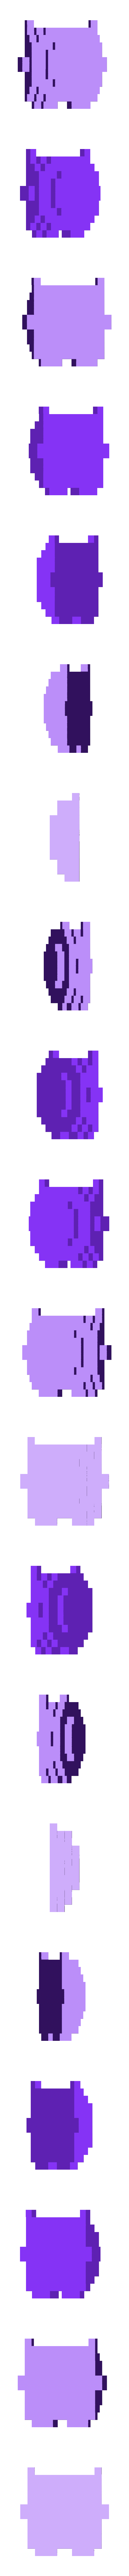 """Odyssey-Yellow_Balloon_side_2.stl Télécharger fichier STL gratuit 8 bits style """"Odyssée"""" - Parties séparées (pas besoin de colle) • Plan imprimable en 3D, conceptify"""